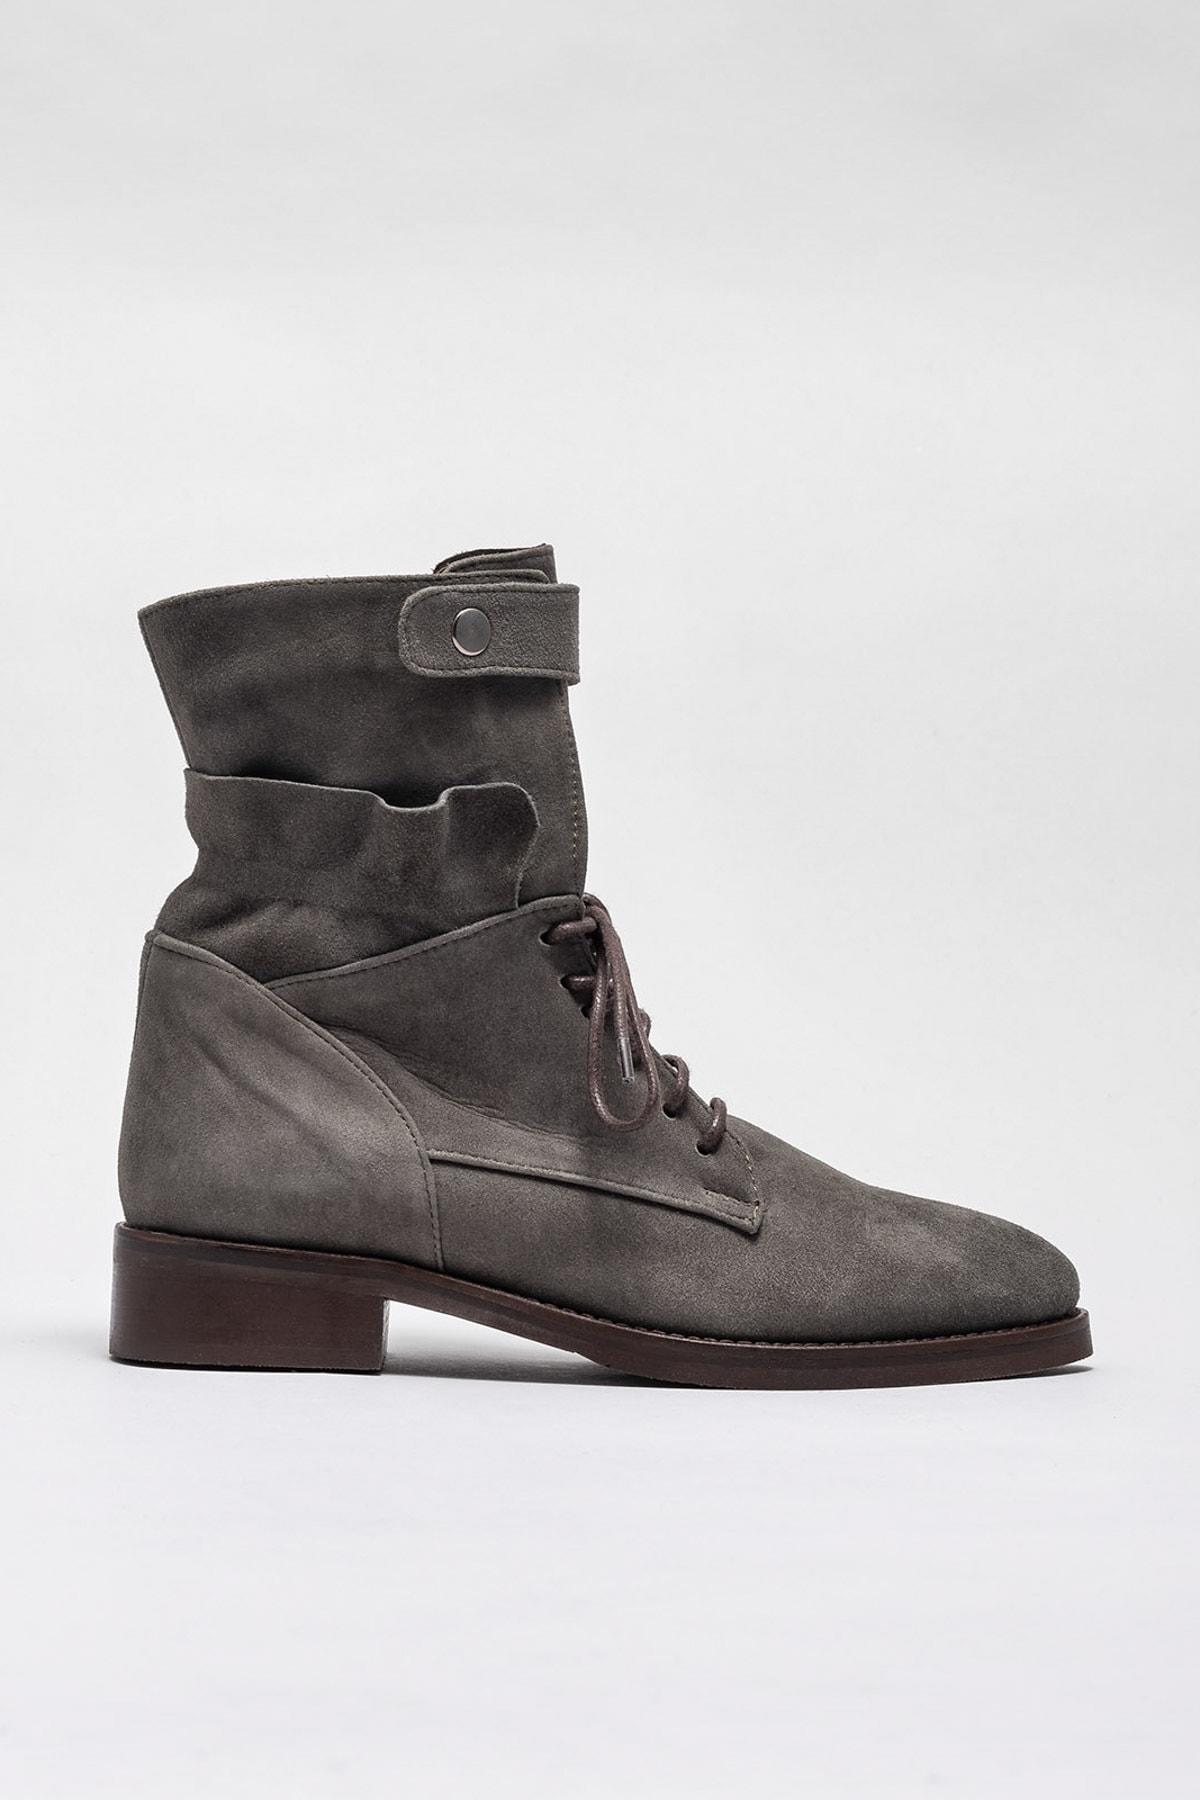 Elle Shoes Kadın Bot & Bootie Rosette-1 20KRE608 1